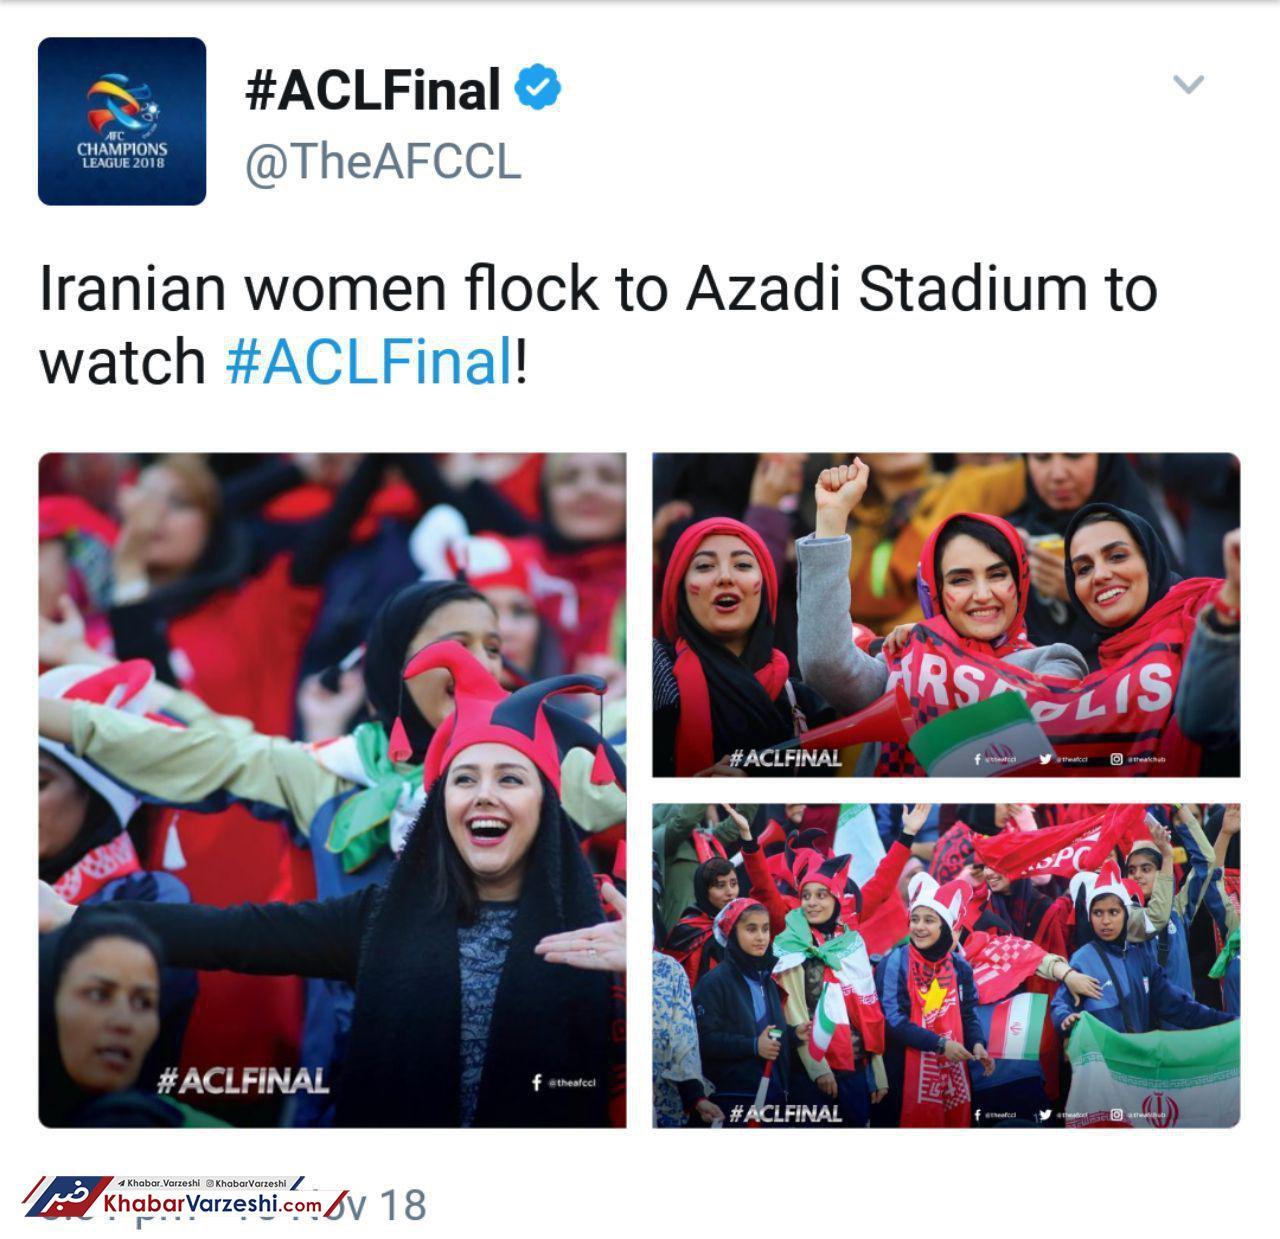 عکس| واکنش صفحه رسمی لیگ قهرمانان به حضور بانوان در آزادی